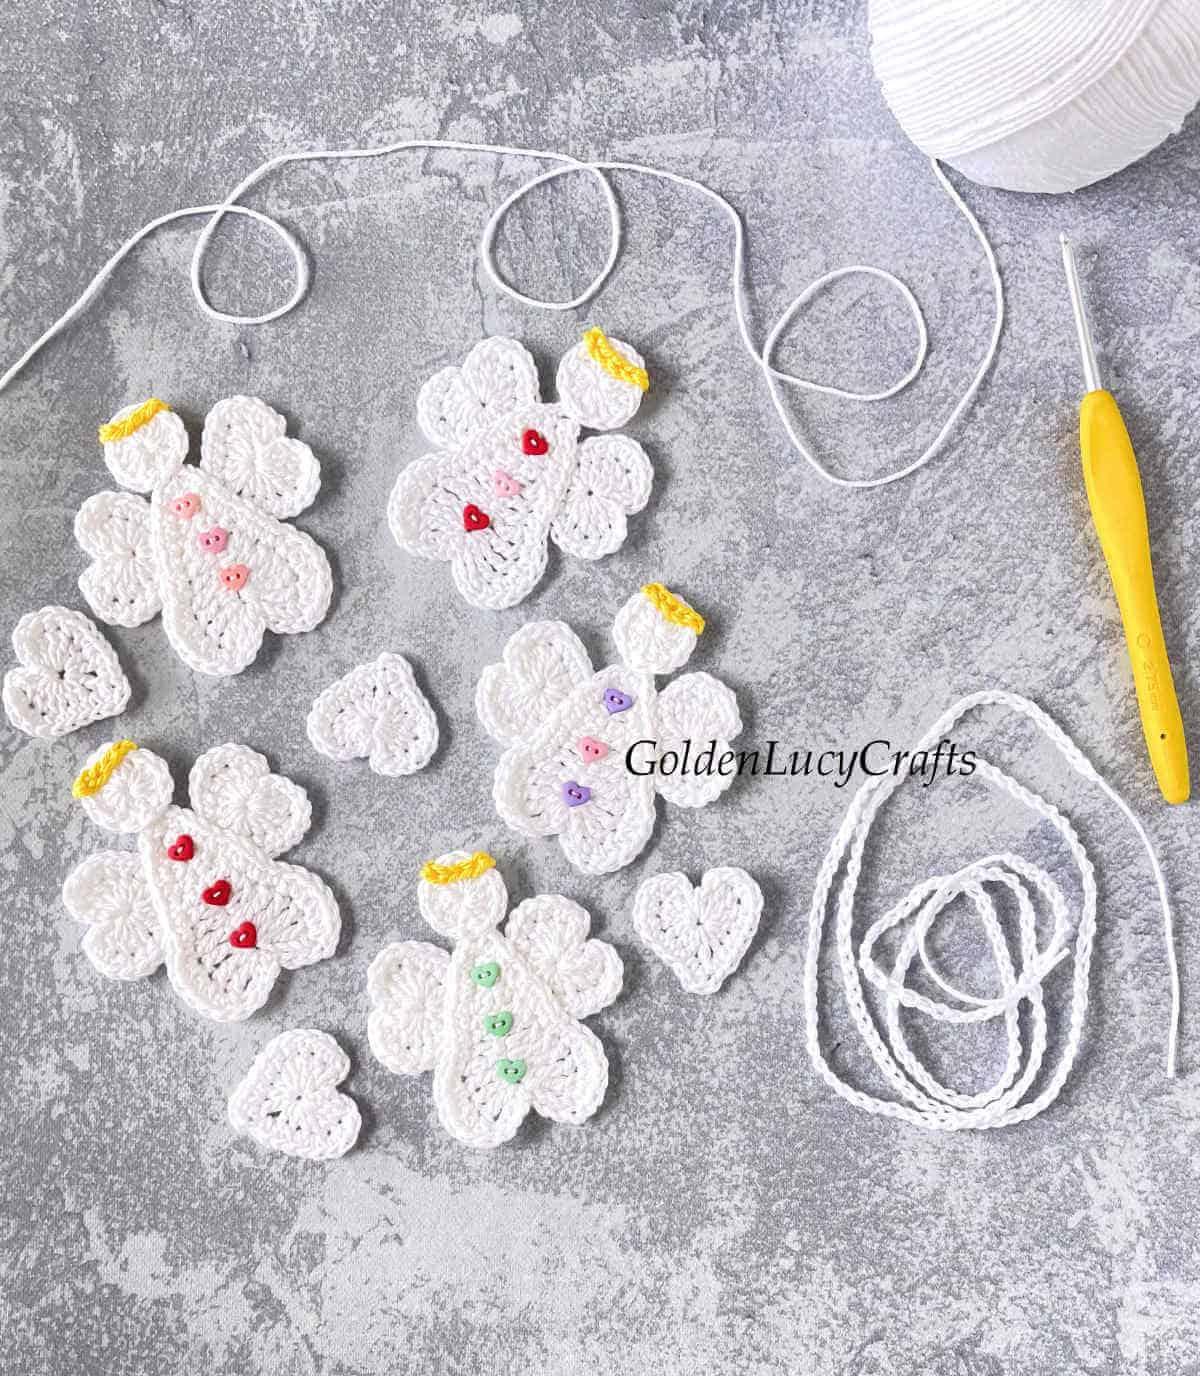 Anjos de crochê, corações, fio branco e agulha de crochê.